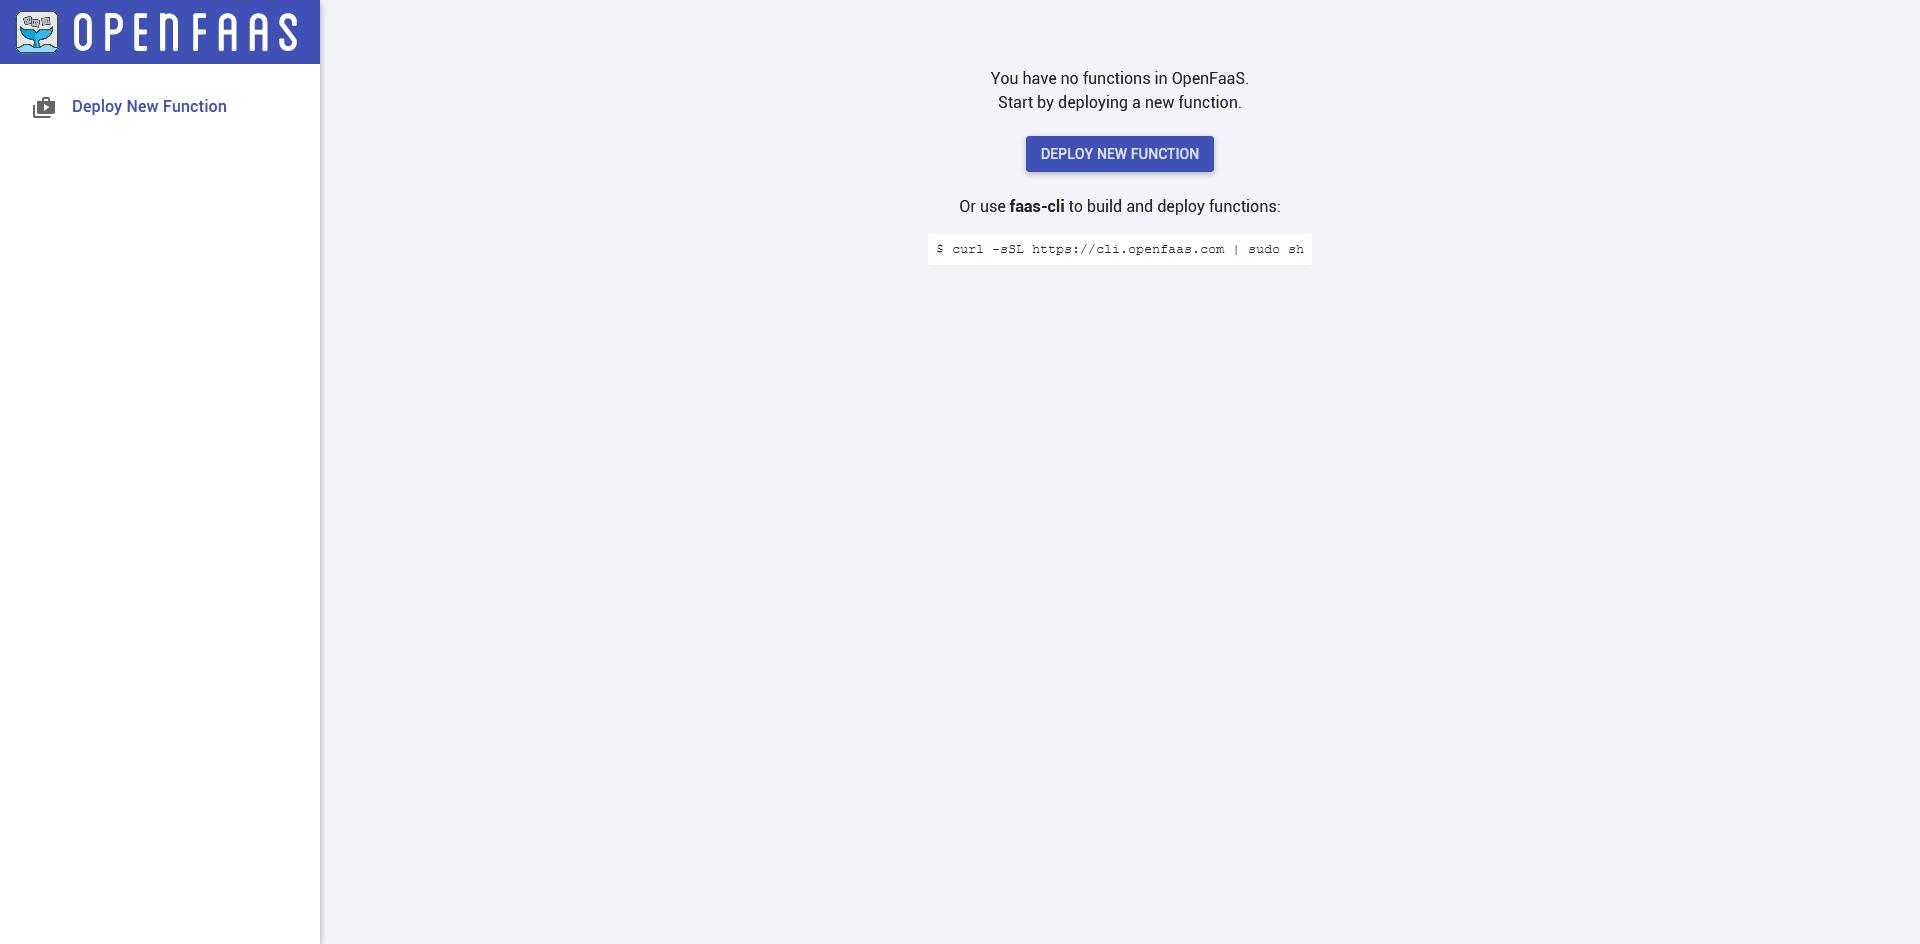 OpenFaaS - Painel de controle vazio